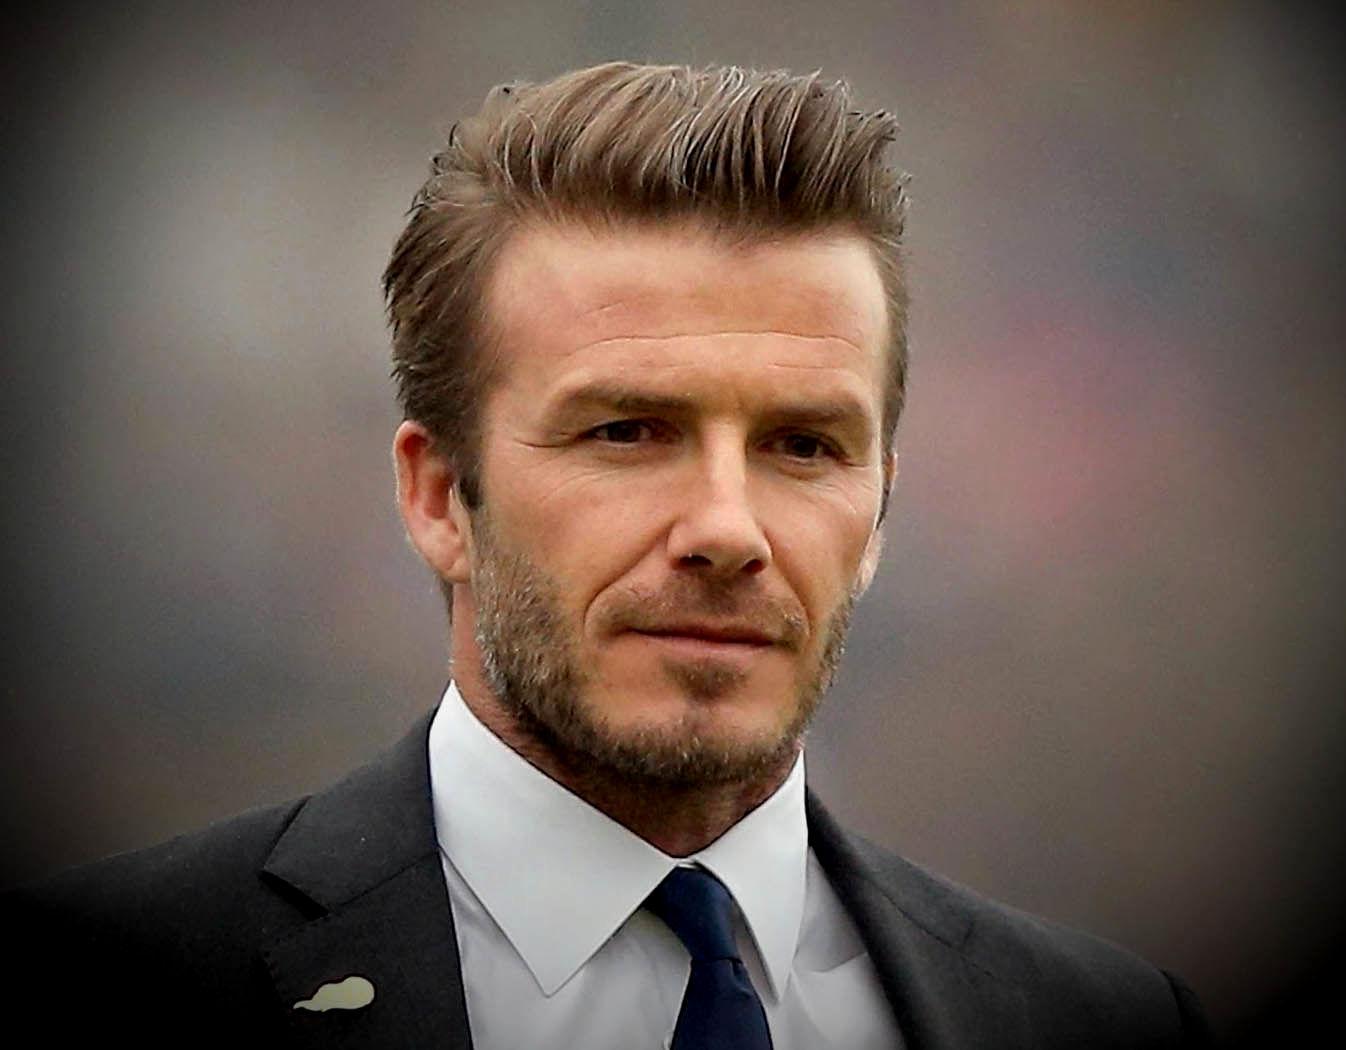 Ótimo cortes modernos de cabelo masculino galeria-Inspirational Cortes Modernos De Cabelo Masculino Modelo